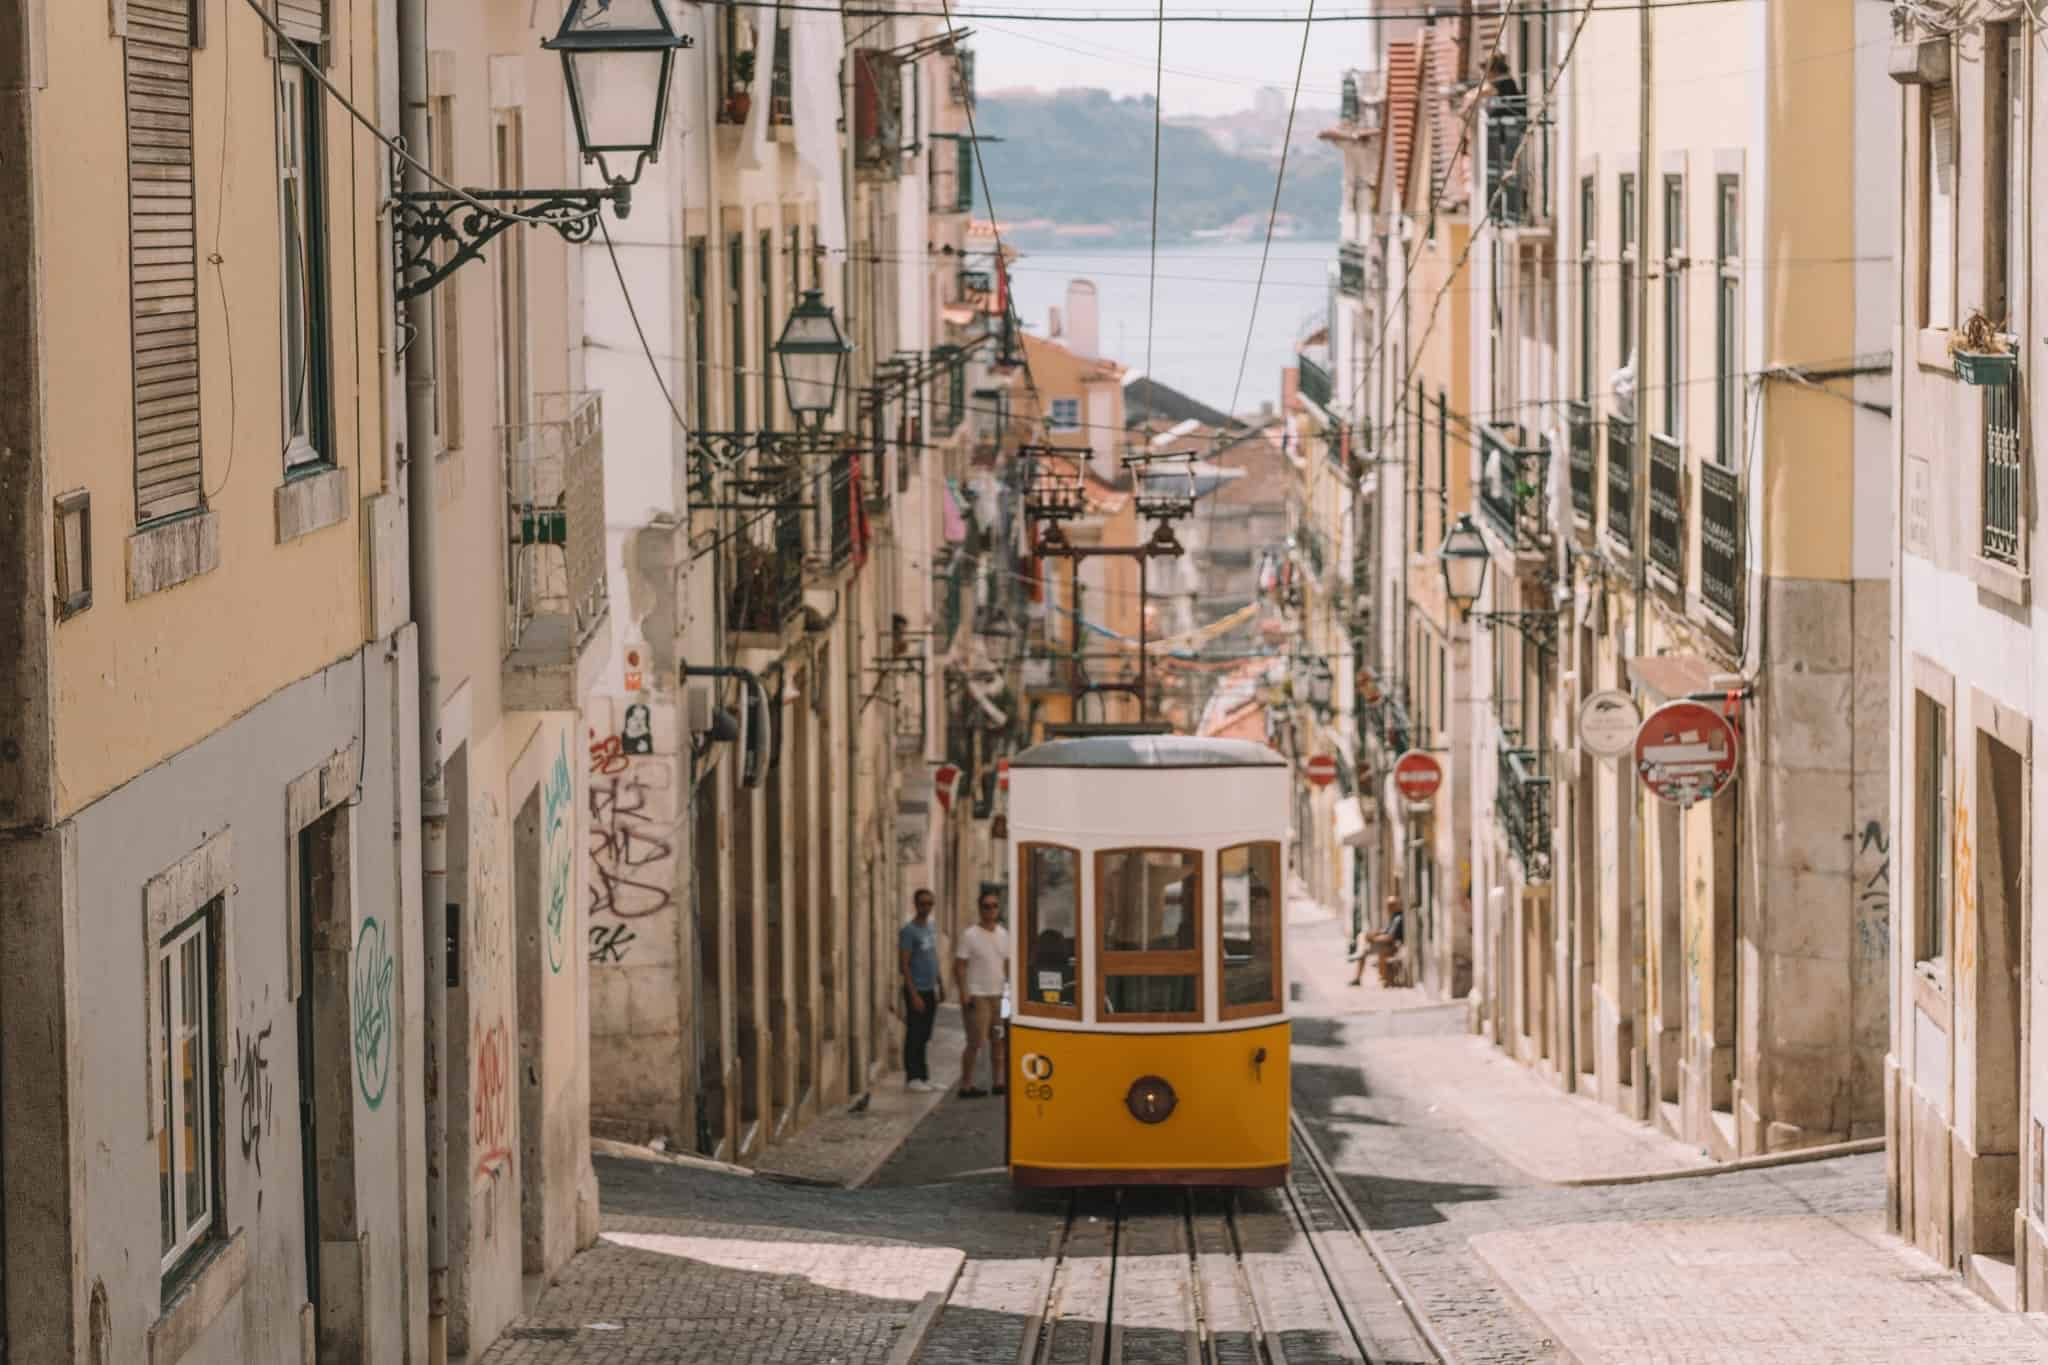 teleférico numa rua em Lisboa